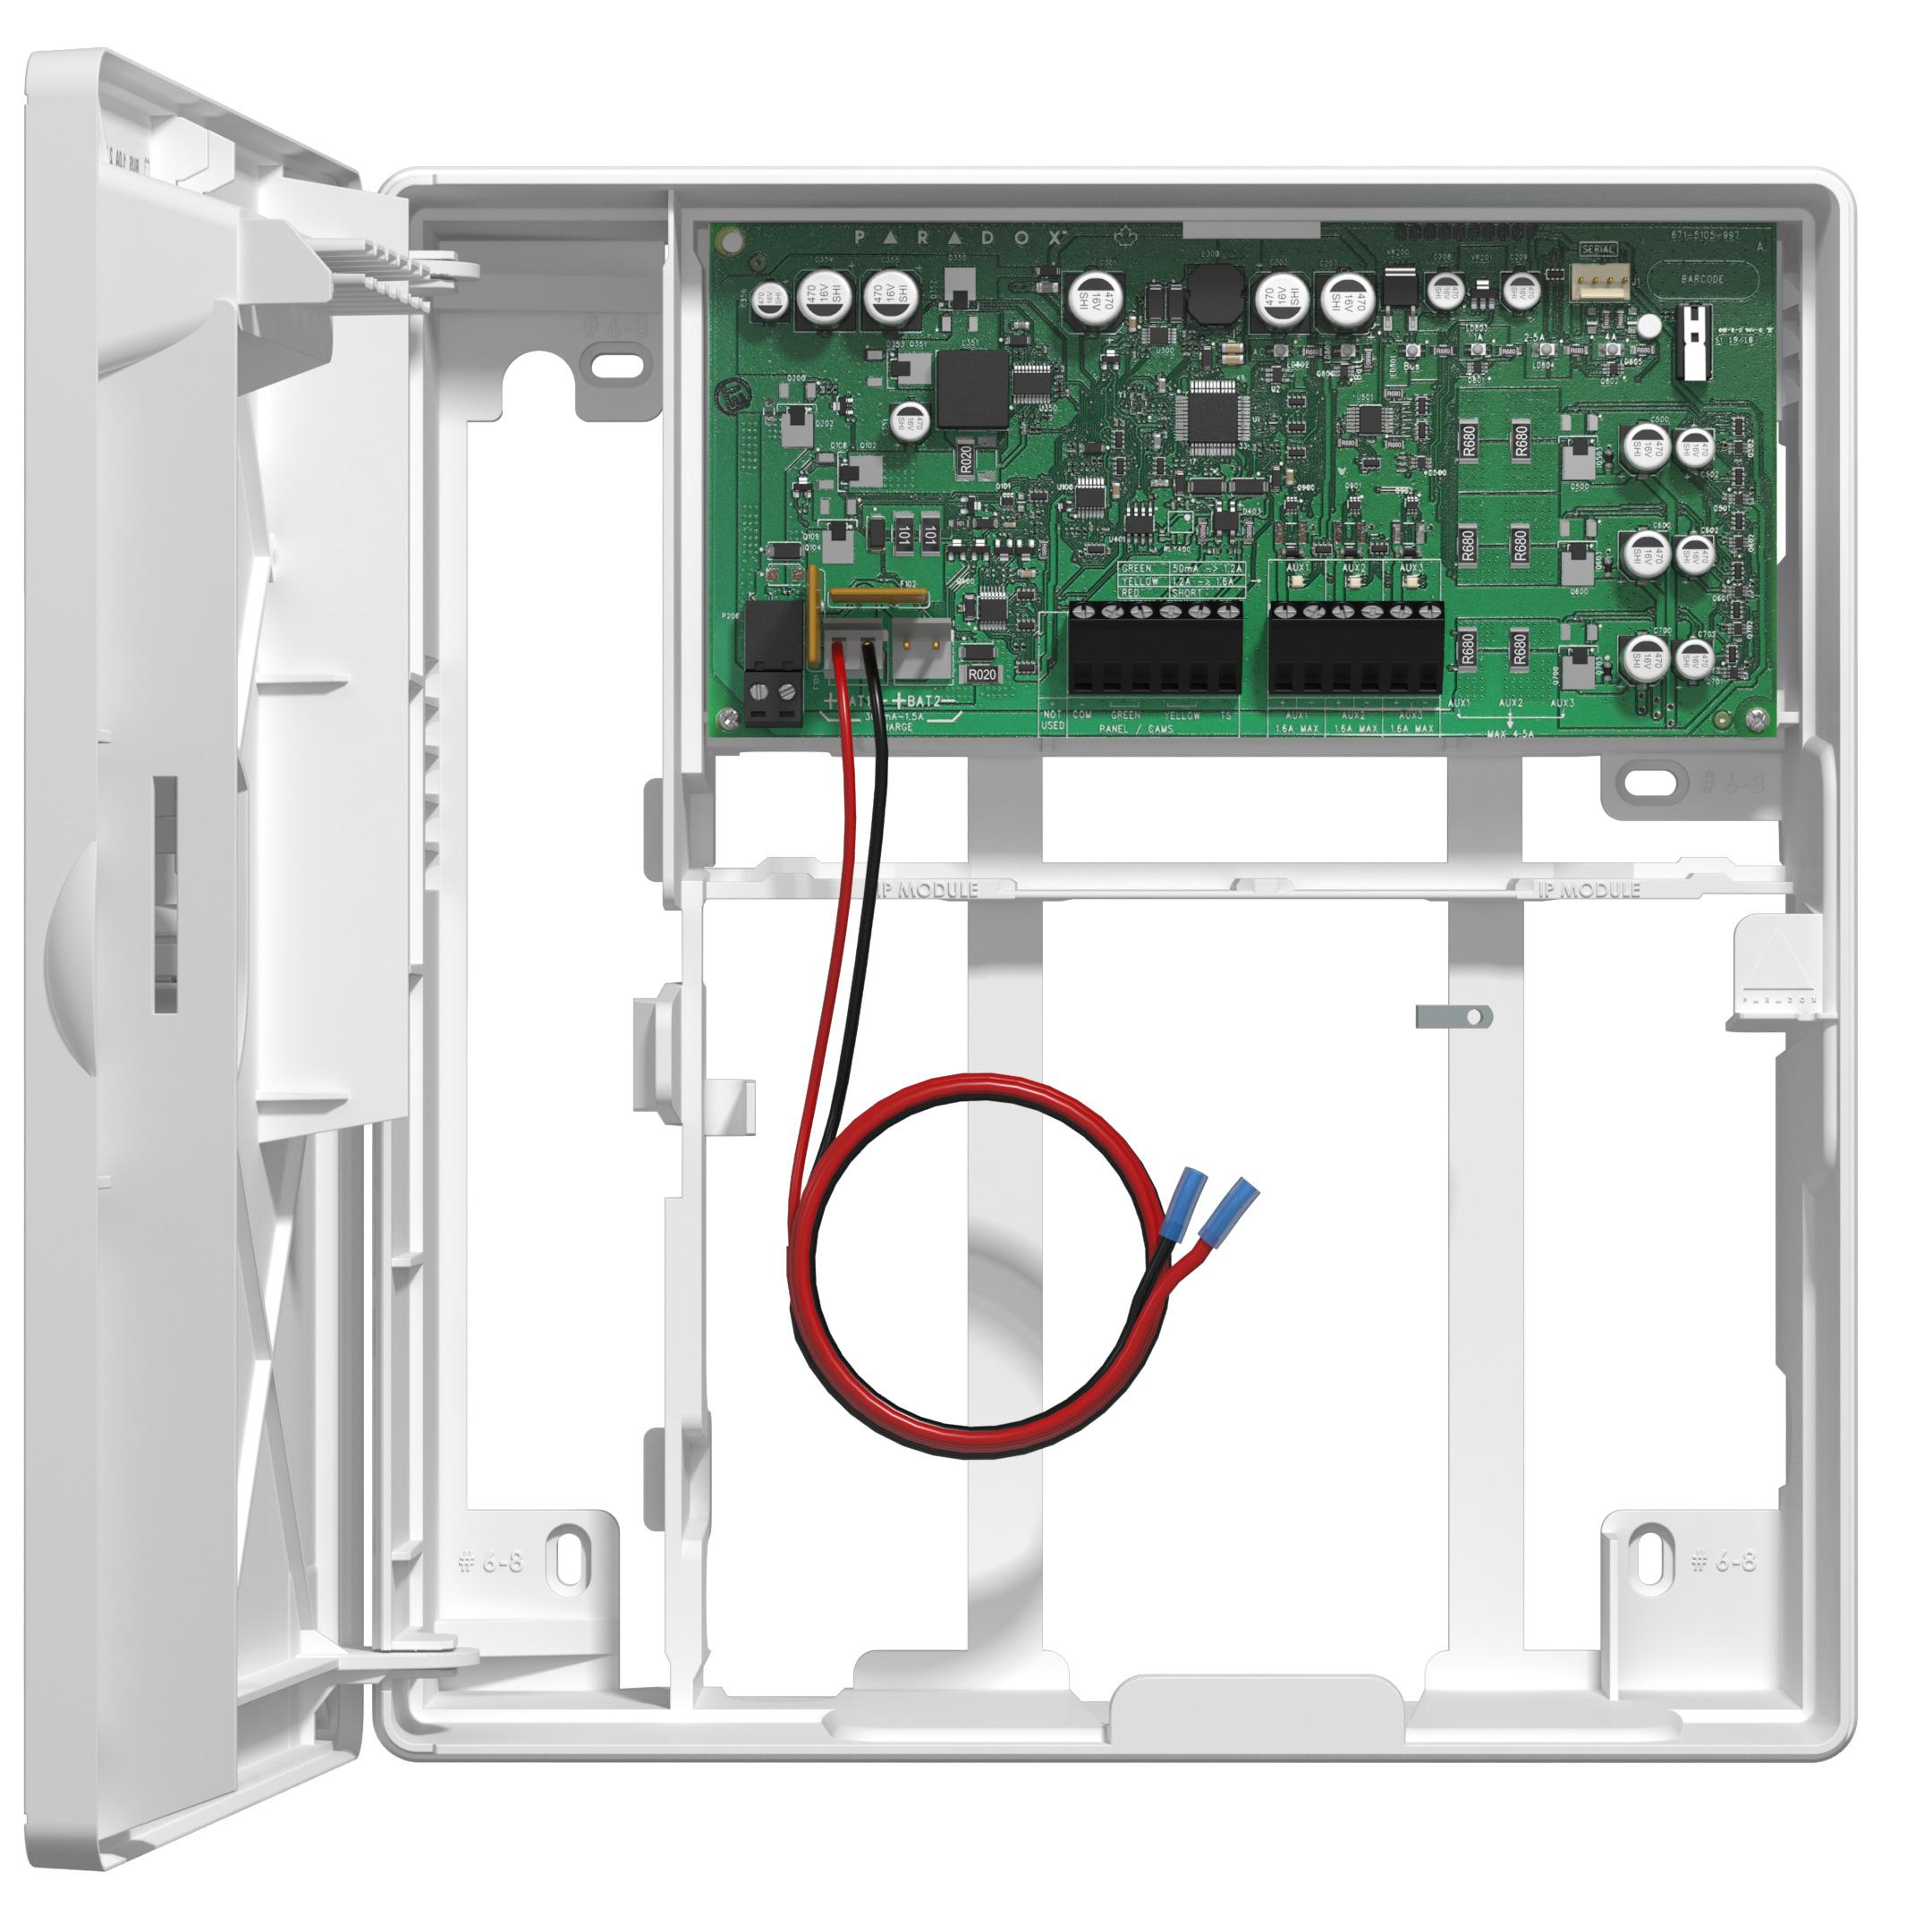 باتری 75W 100-240 Vac یا 13.8 Vdc باتری 15 Vdc مستقل یا منبع تغذیه پشتیبان تهیه شدهPS45 پارادوکس